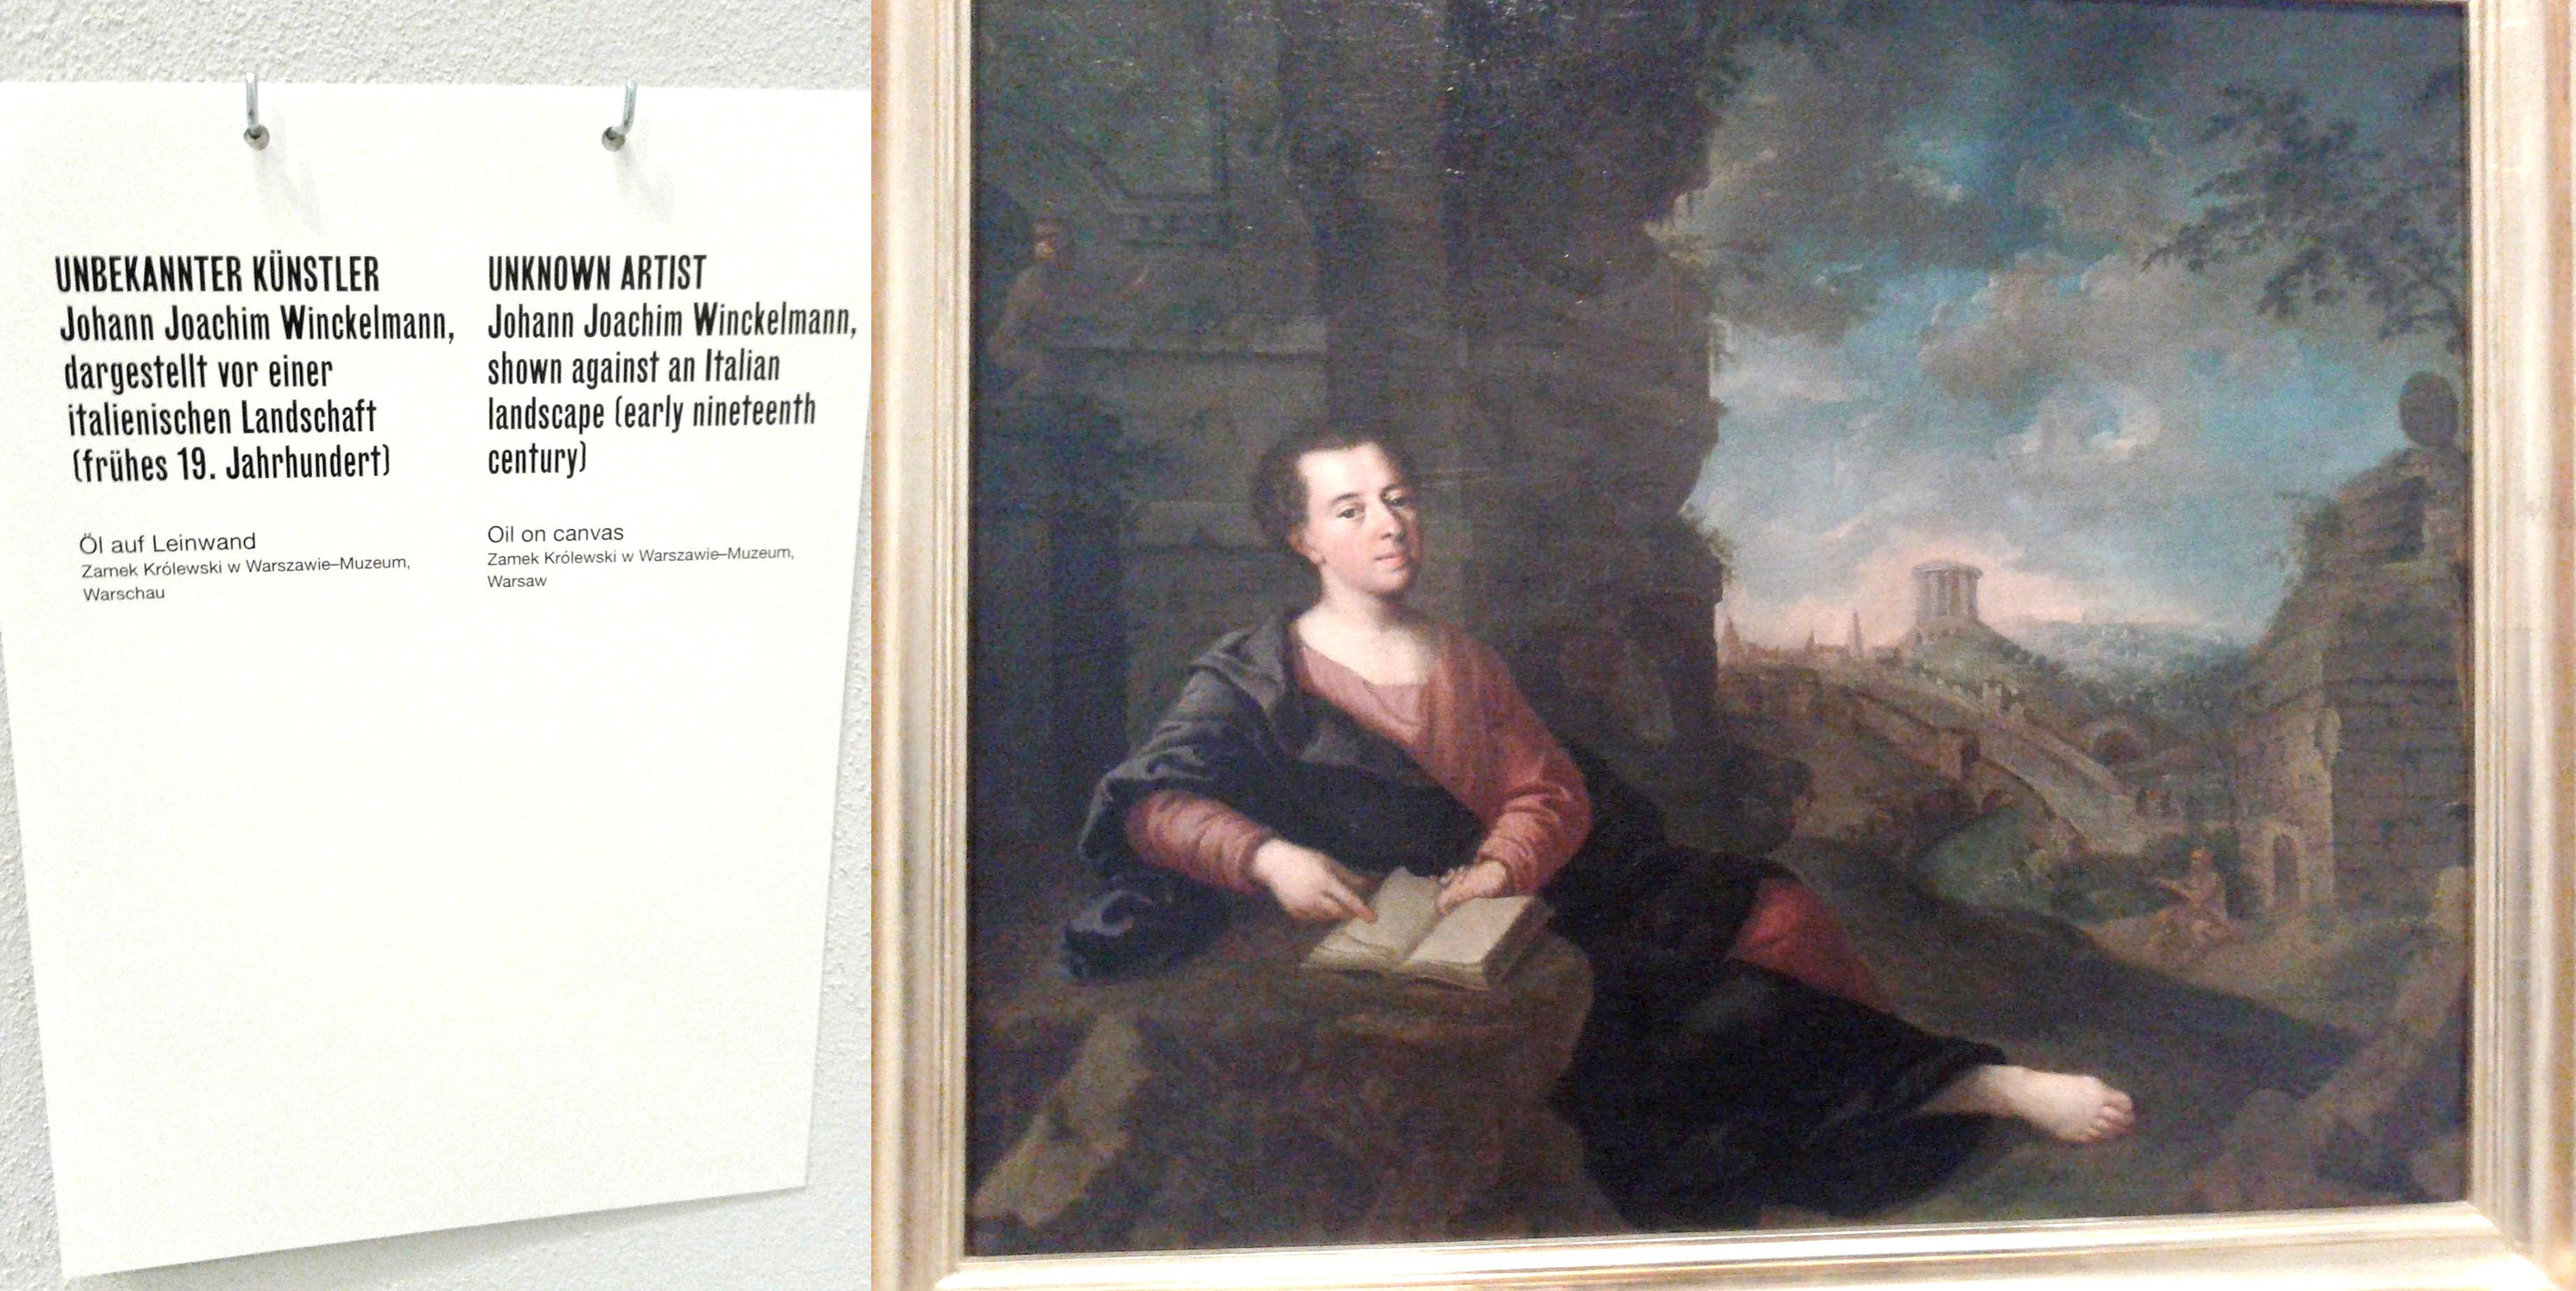 """Portret Johana Joakima Vinkelmana (Johann Joachim Winckelmann), nepoznati autor, Dokumenta 14, Neue Galerie, Kasel, 2017. Vinkelman se smatra jednim od utemeljitelja istorije umetnosti, poznat je po idealizovanom odnosu spram antičke Grčke, a posebno je važan za oblikovanje neoklasičnog ukusa i prosvetiteljsku doktrinu. Na sajtu Dokumente 14, stoji da je Vinkelman jedan od učesnika izložbe: izloženi su faksimili njegovih rukopisa i njegov portret, naslikan od strane nepoznatog autora. Stvara se utisak da su organizatori ovogodišnje Dokumente pokušali da evociraju Vinkelmanove """"imitativne"""" mehanizme kakve je on svojevremeno pripisivao umetnosti, kako bi iznova """"otkrili Grčku"""", a sve u cilju dalje stabilizacije postojećih odnosa moći. Foto: DeMaterijalizacija umetnosti, 2017."""